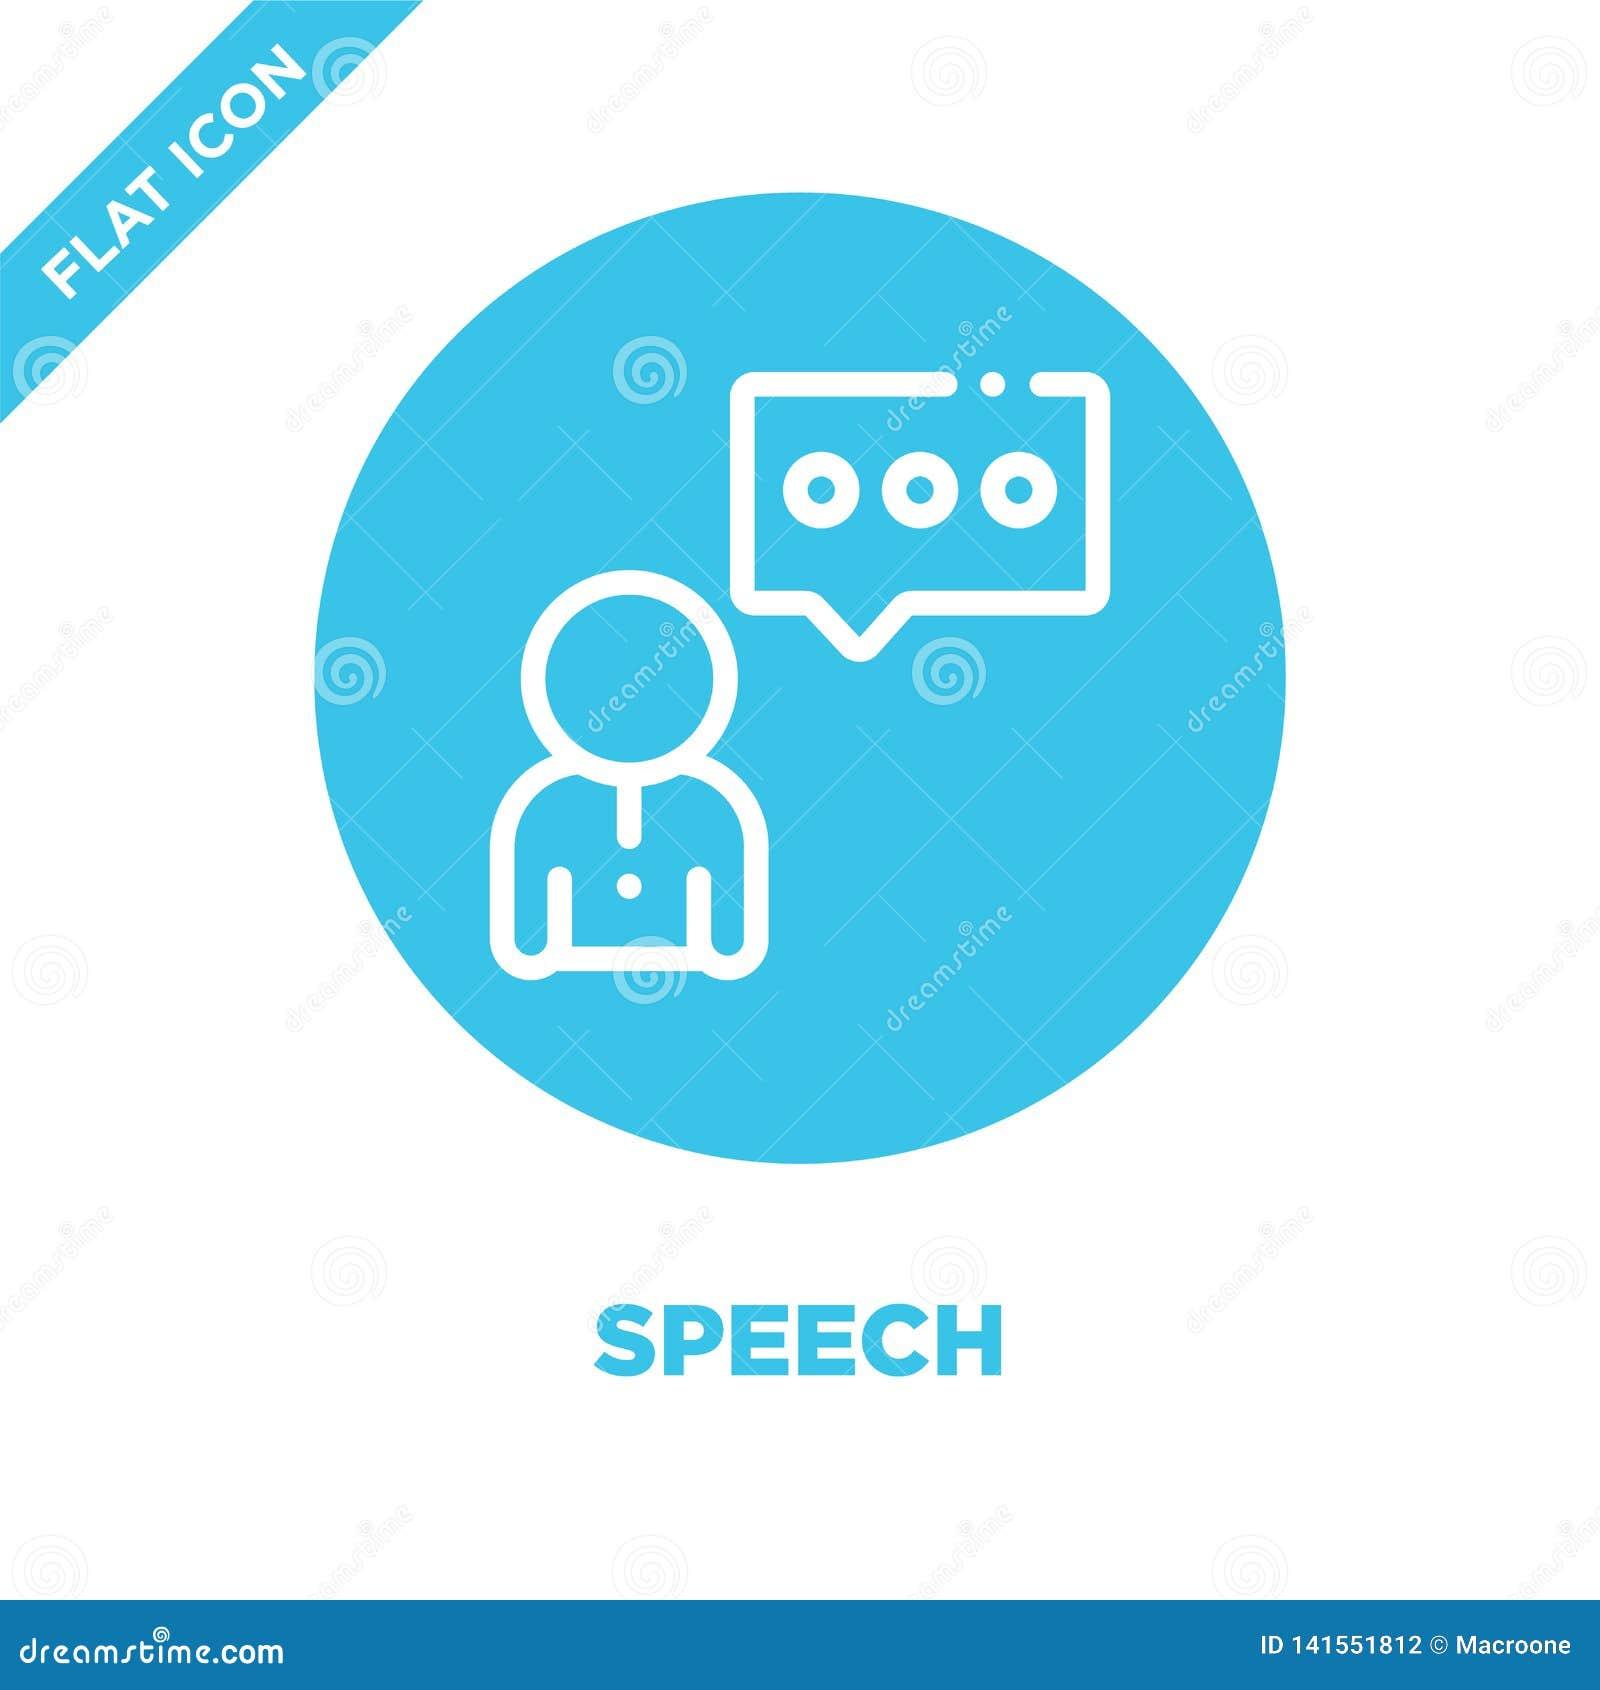 Vetor do ícone do discurso Linha fina ilustração do vetor do ícone do esboço do discurso símbolo do discurso para o uso na Web e